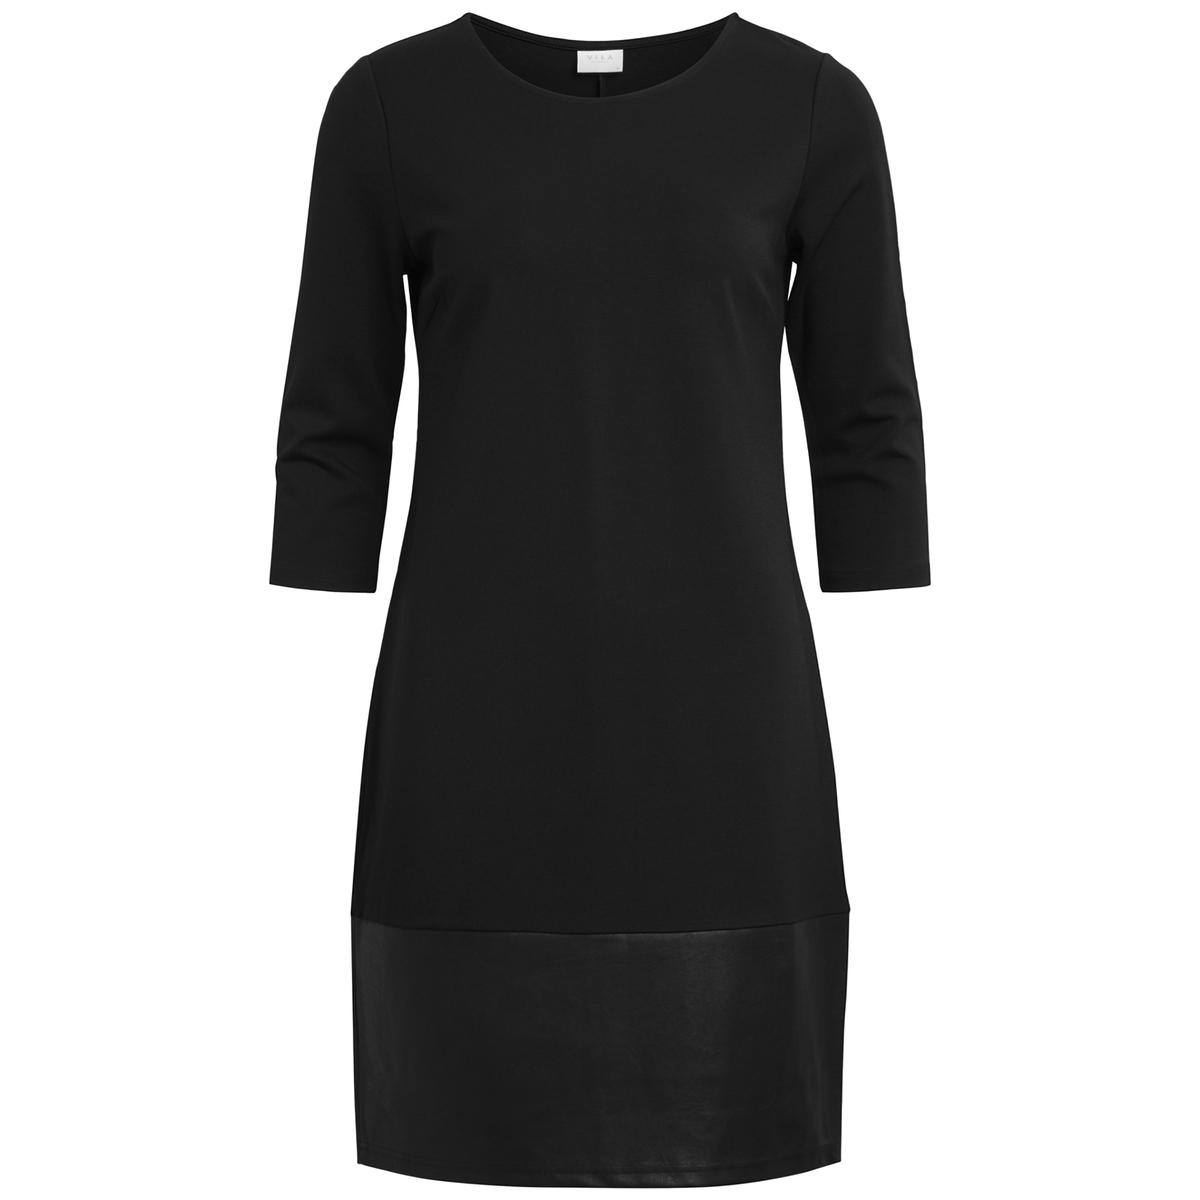 Платье короткое с рукавами 3/4Детали •  Форма : прямая  •  Короткое  •  Рукава 3/4    •  Круглый вырезСостав и уход •  70% вискозы, 3% эластана, 27% полиамида •  Следуйте советам по уходу, указанным на этикетке<br><br>Цвет: черный